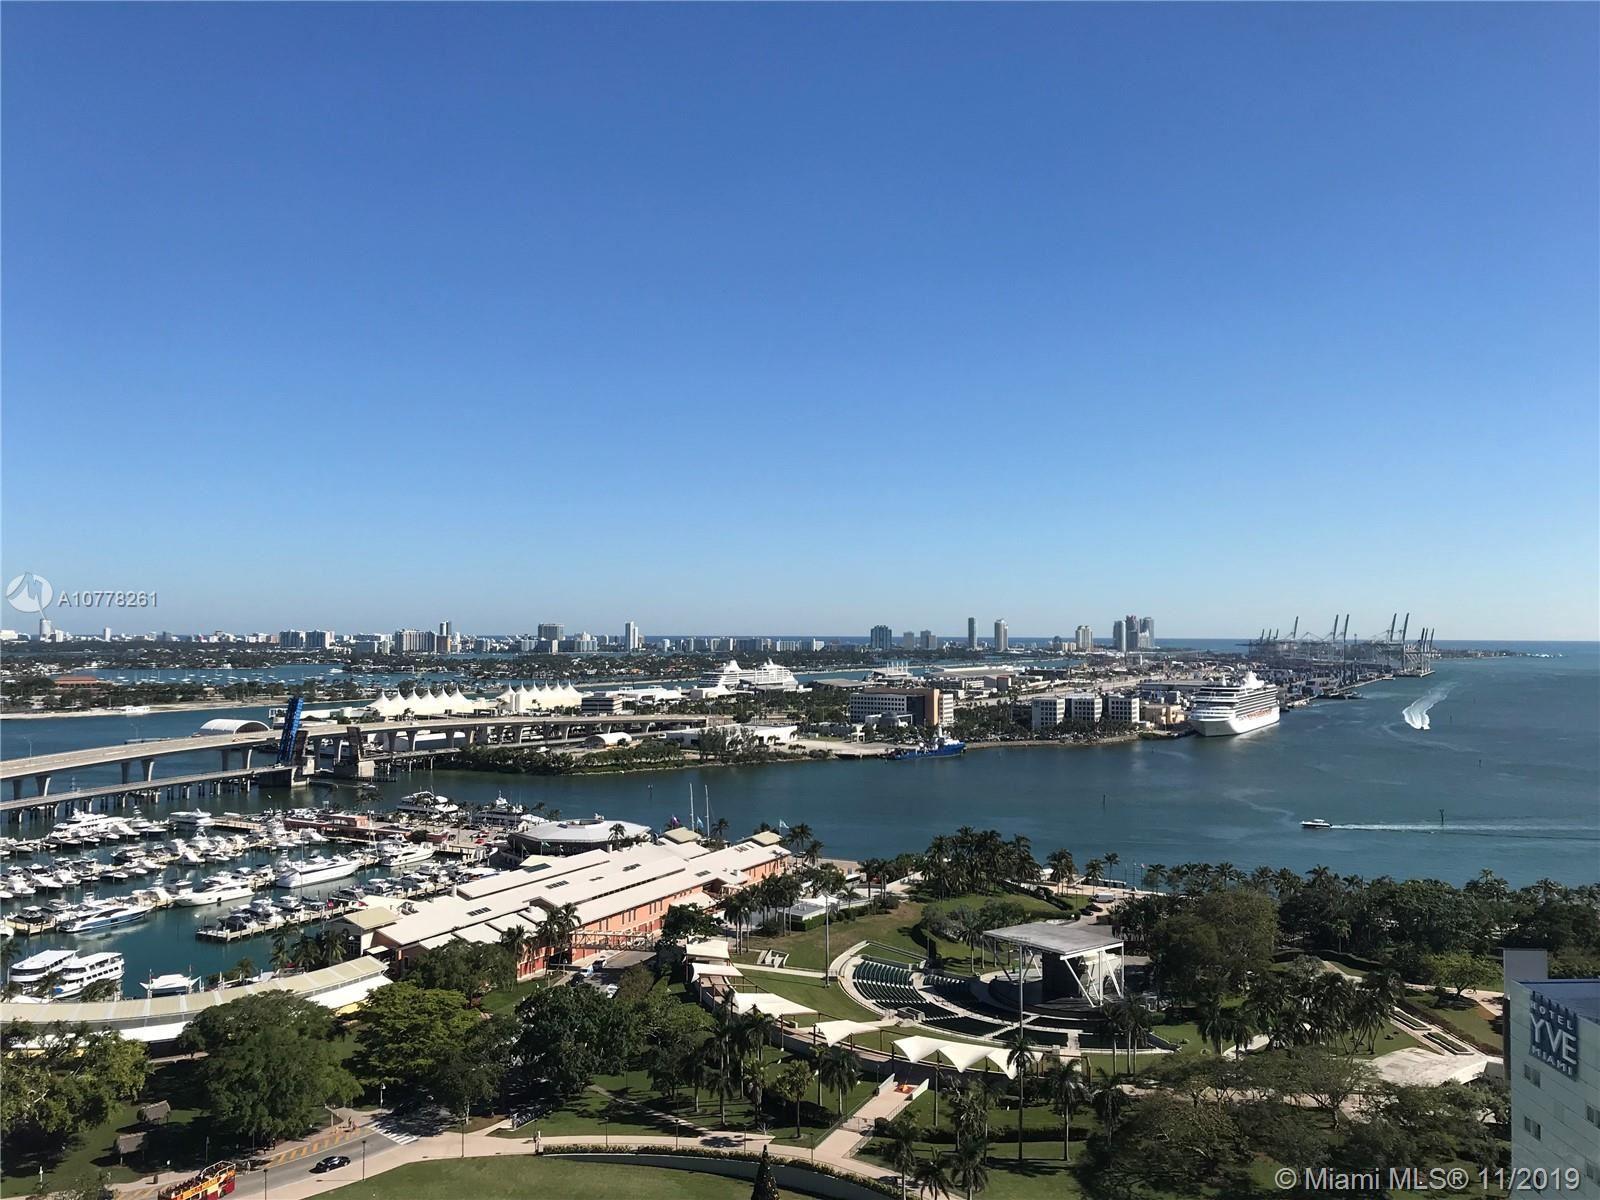 253 NE 2nd St #2505, Miami, FL 33132 - #: A10778261